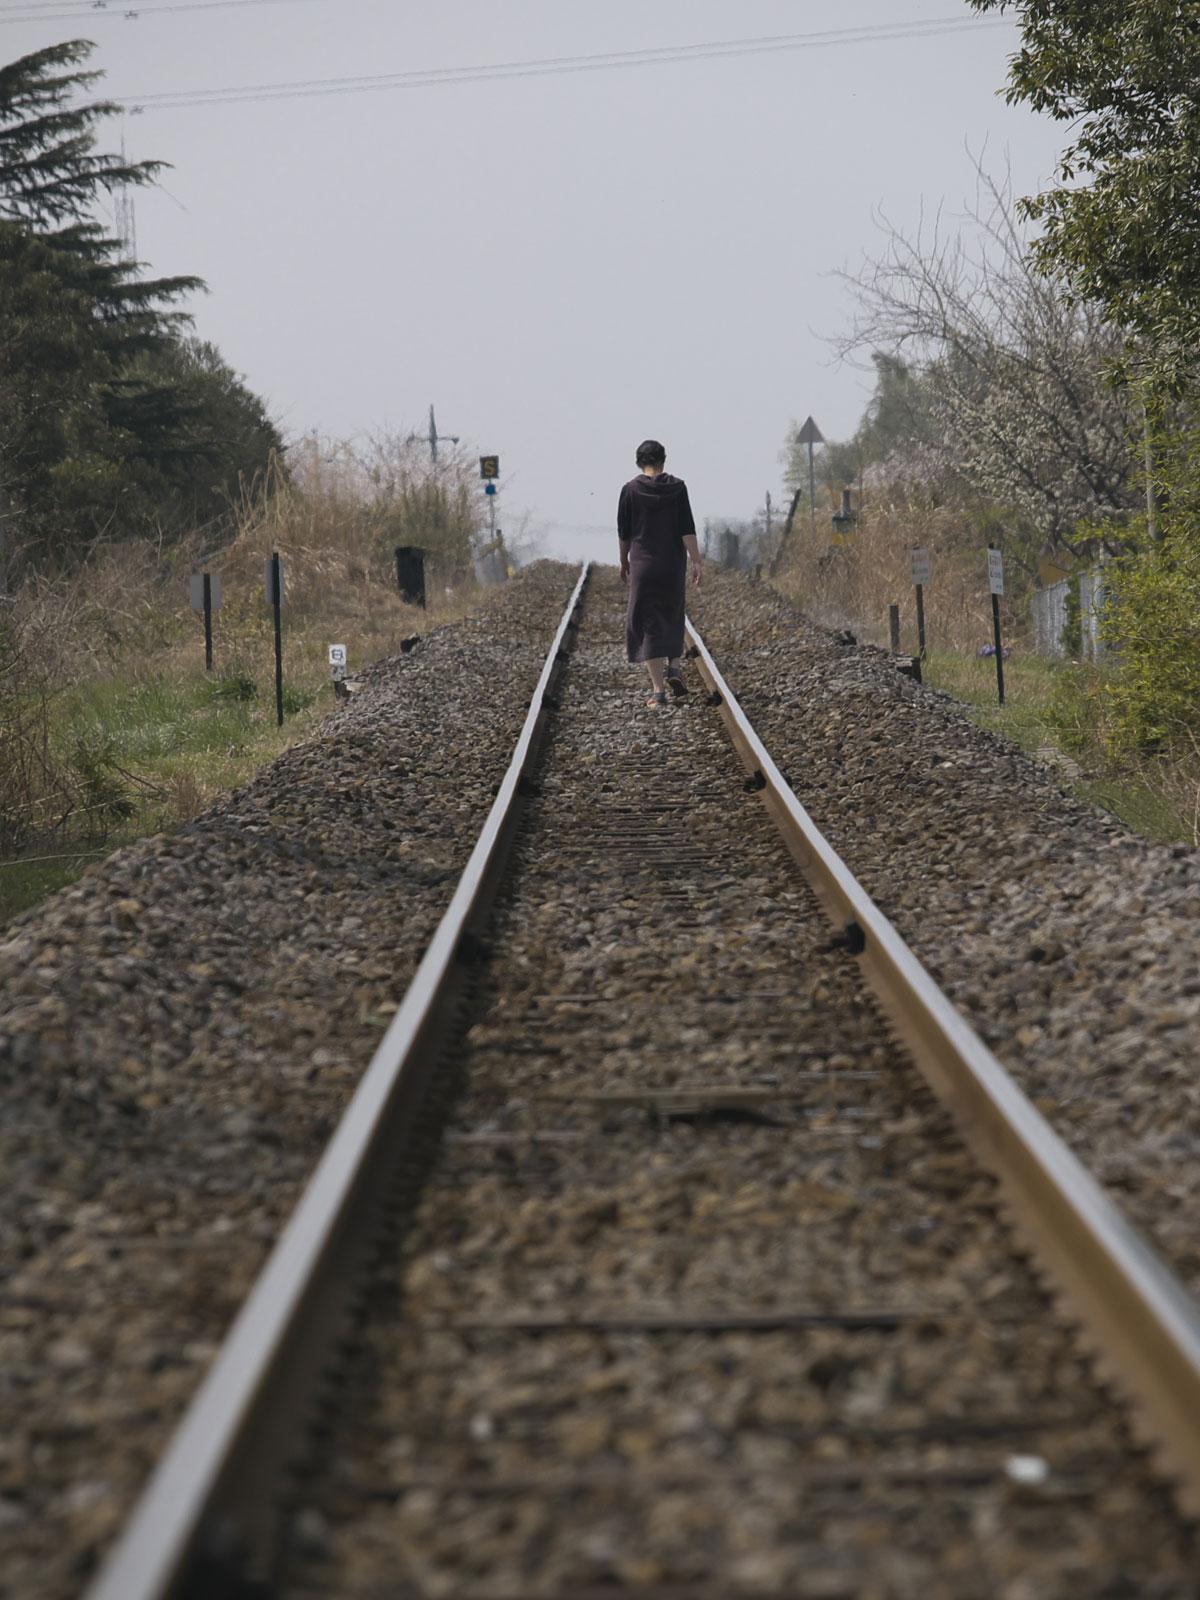 鉄路を歩く人_f0121181_2393545.jpg